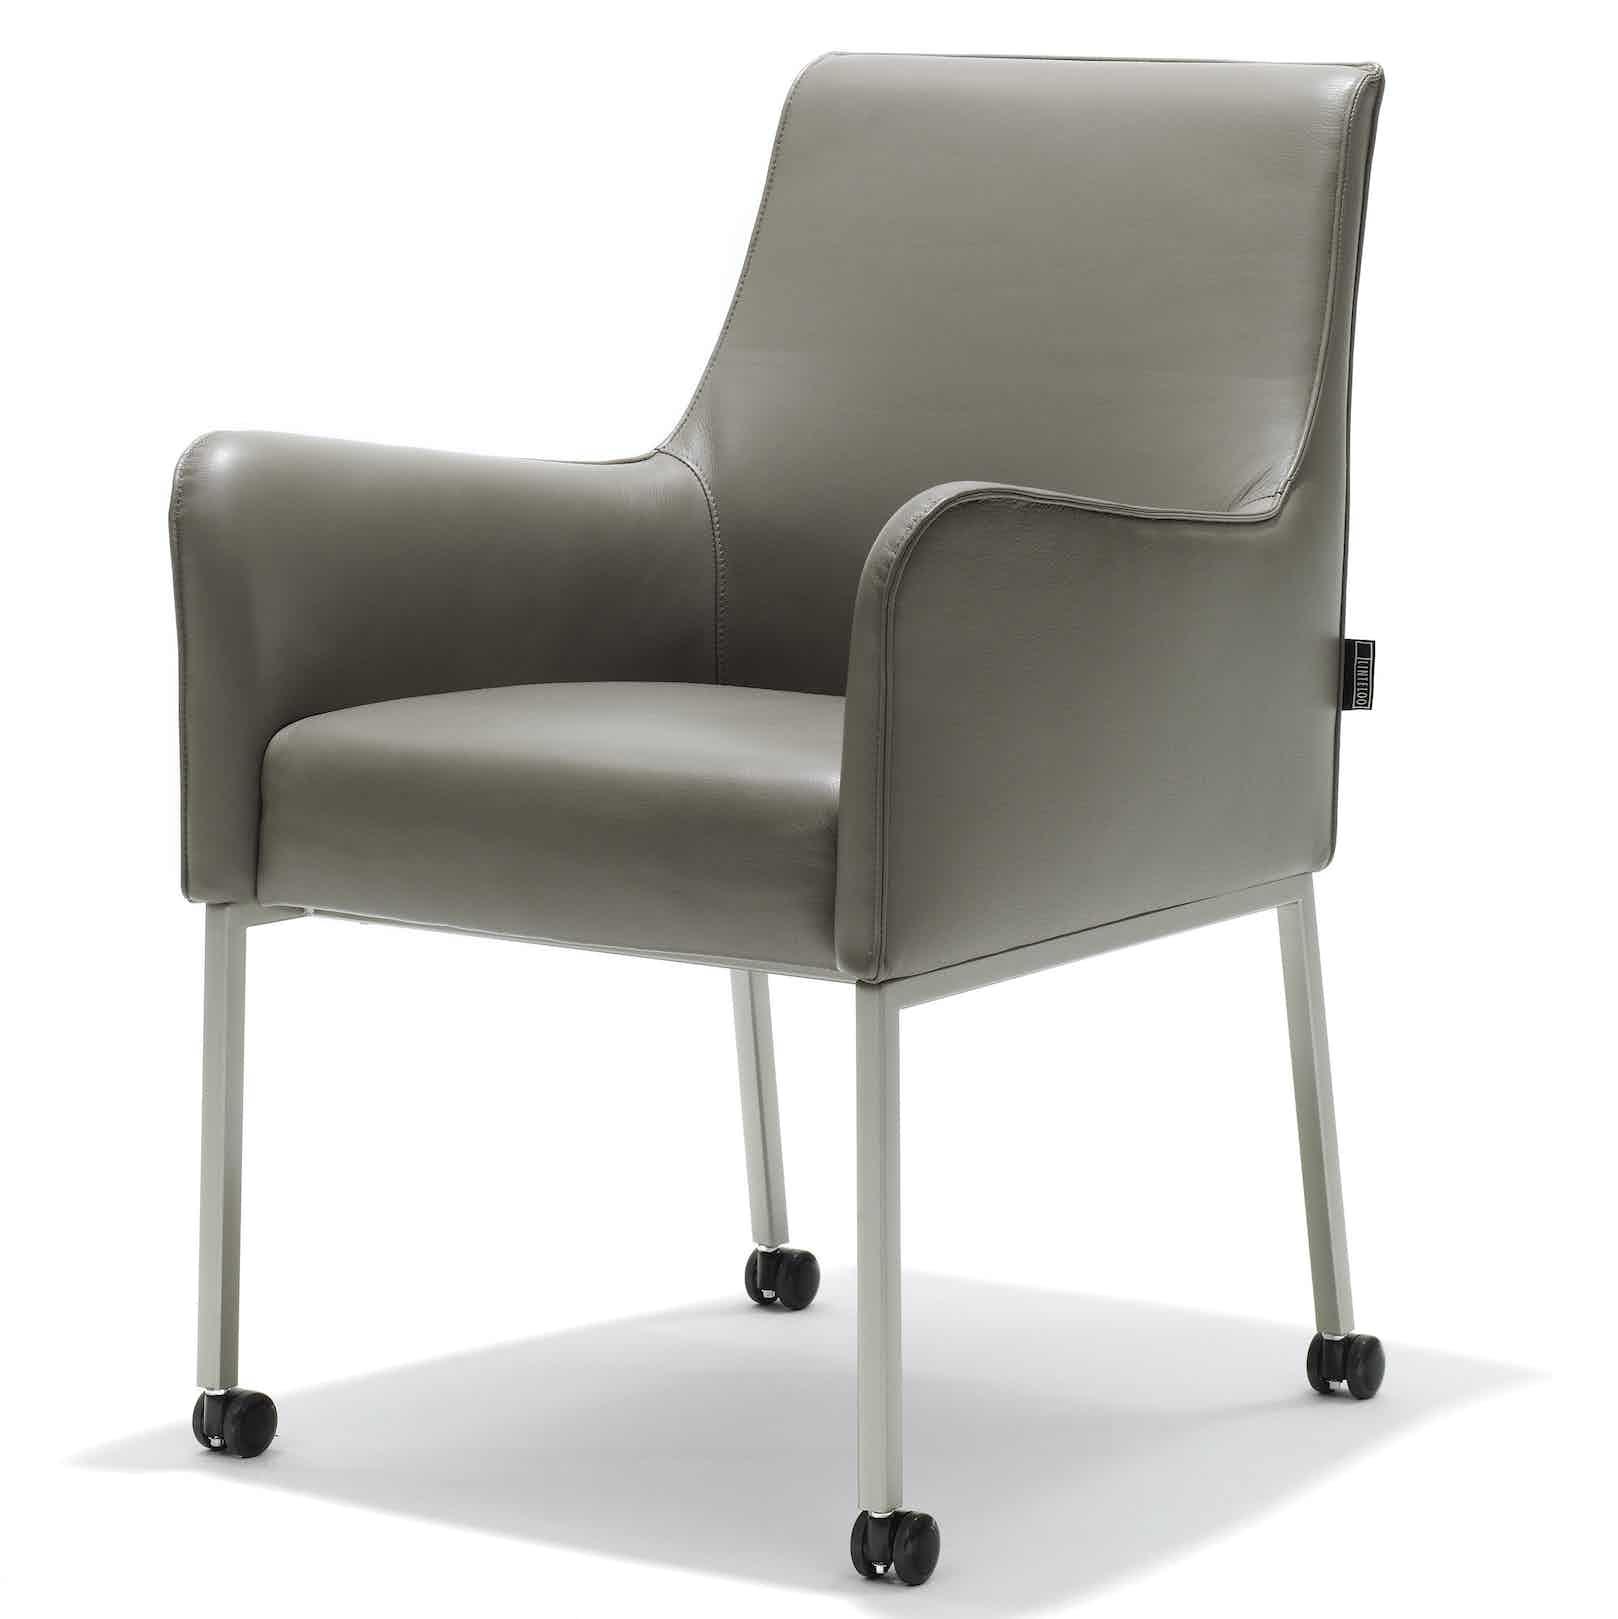 Linteloo-grey-guilietta-chair-haute-living